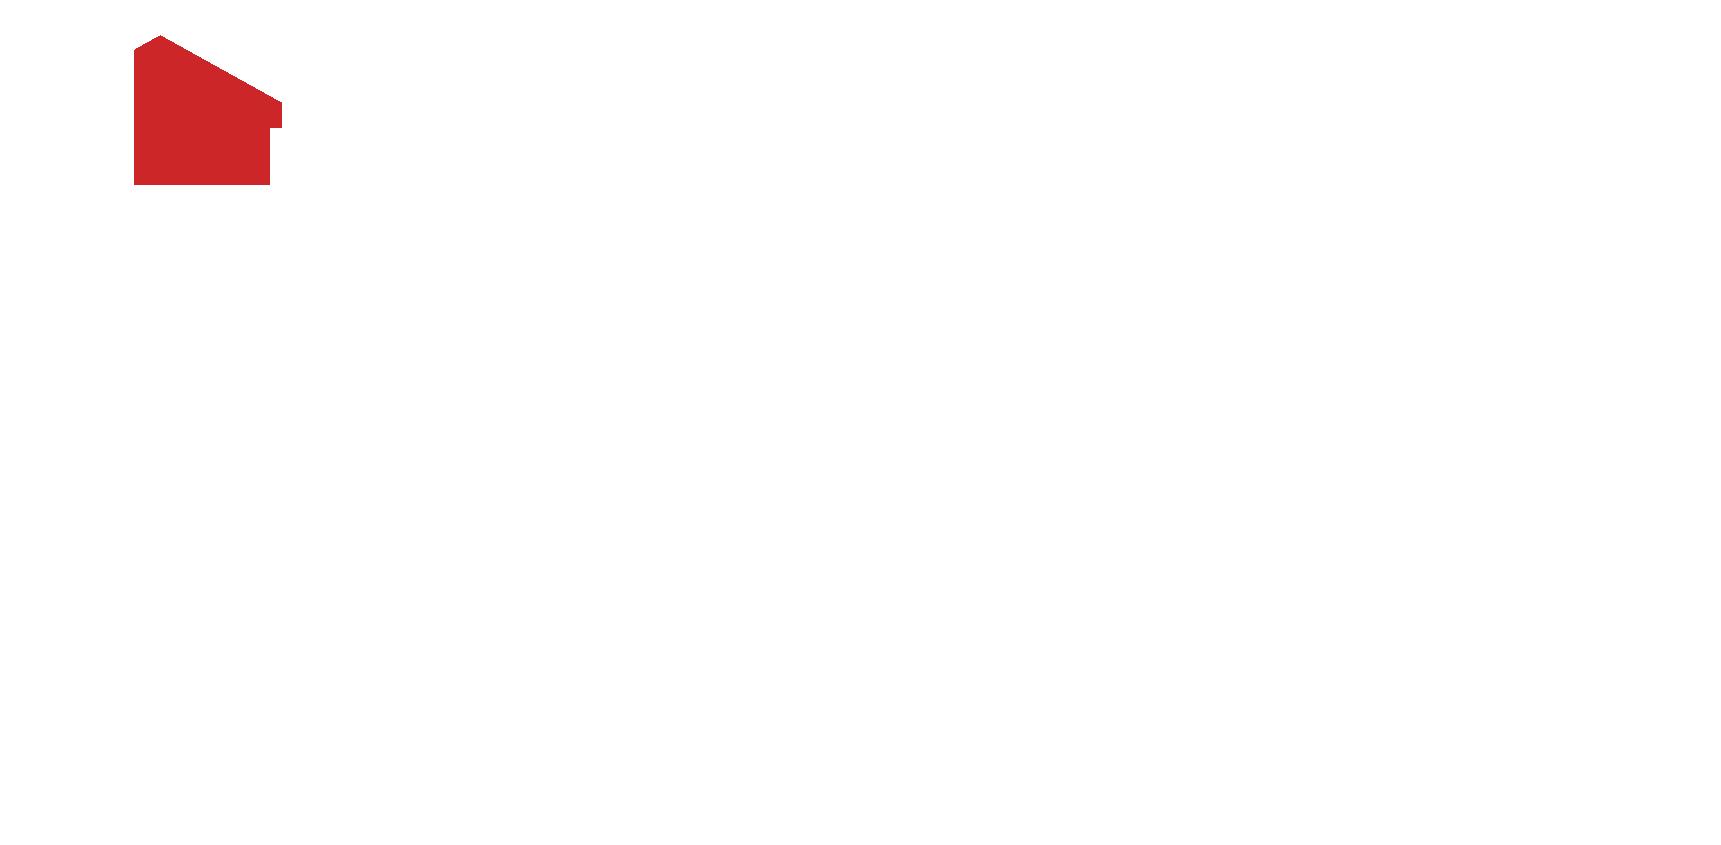 quiz_header_title-02